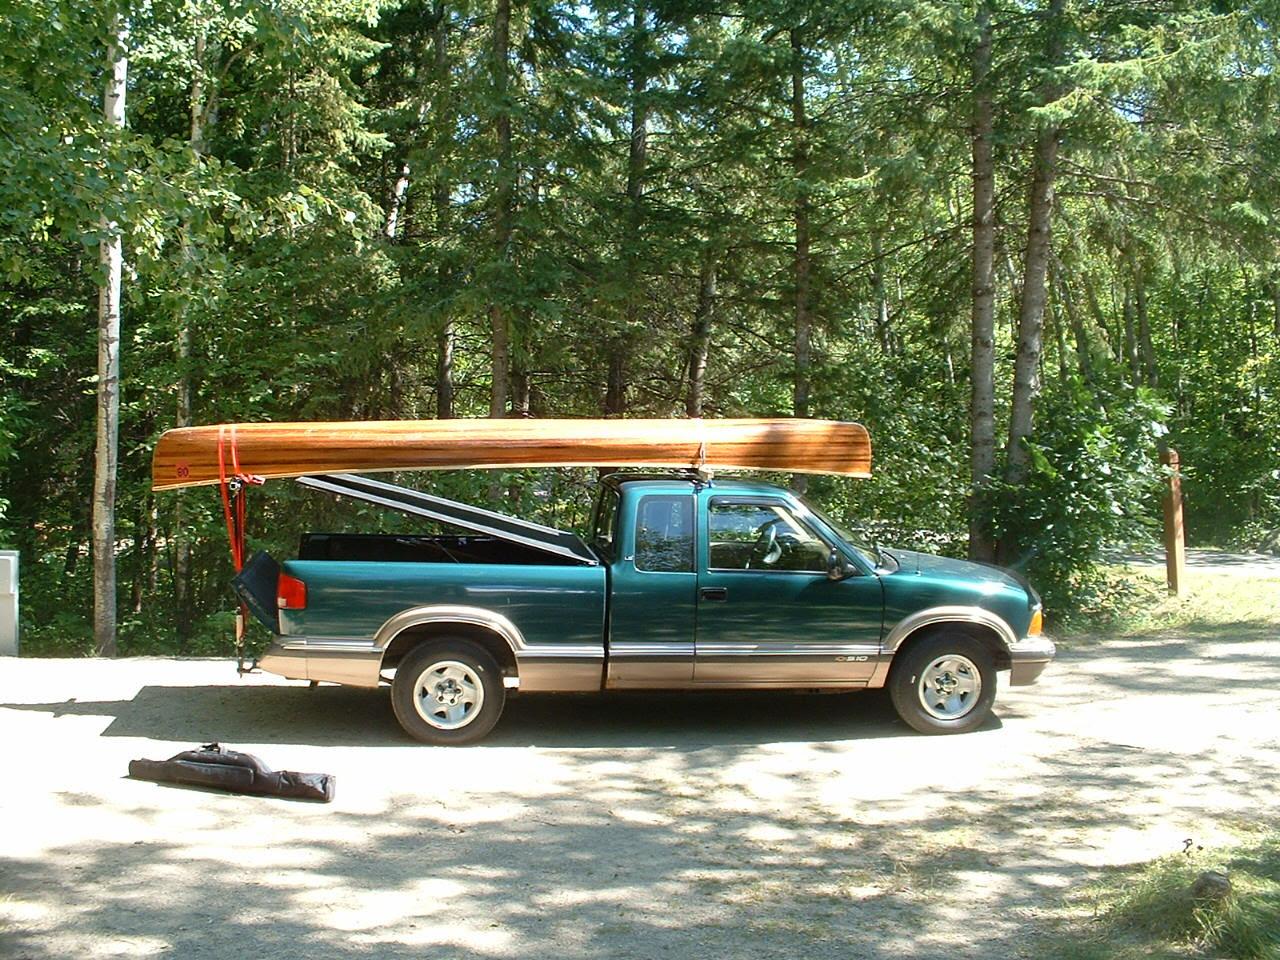 Homemade Wooden Truck Racks